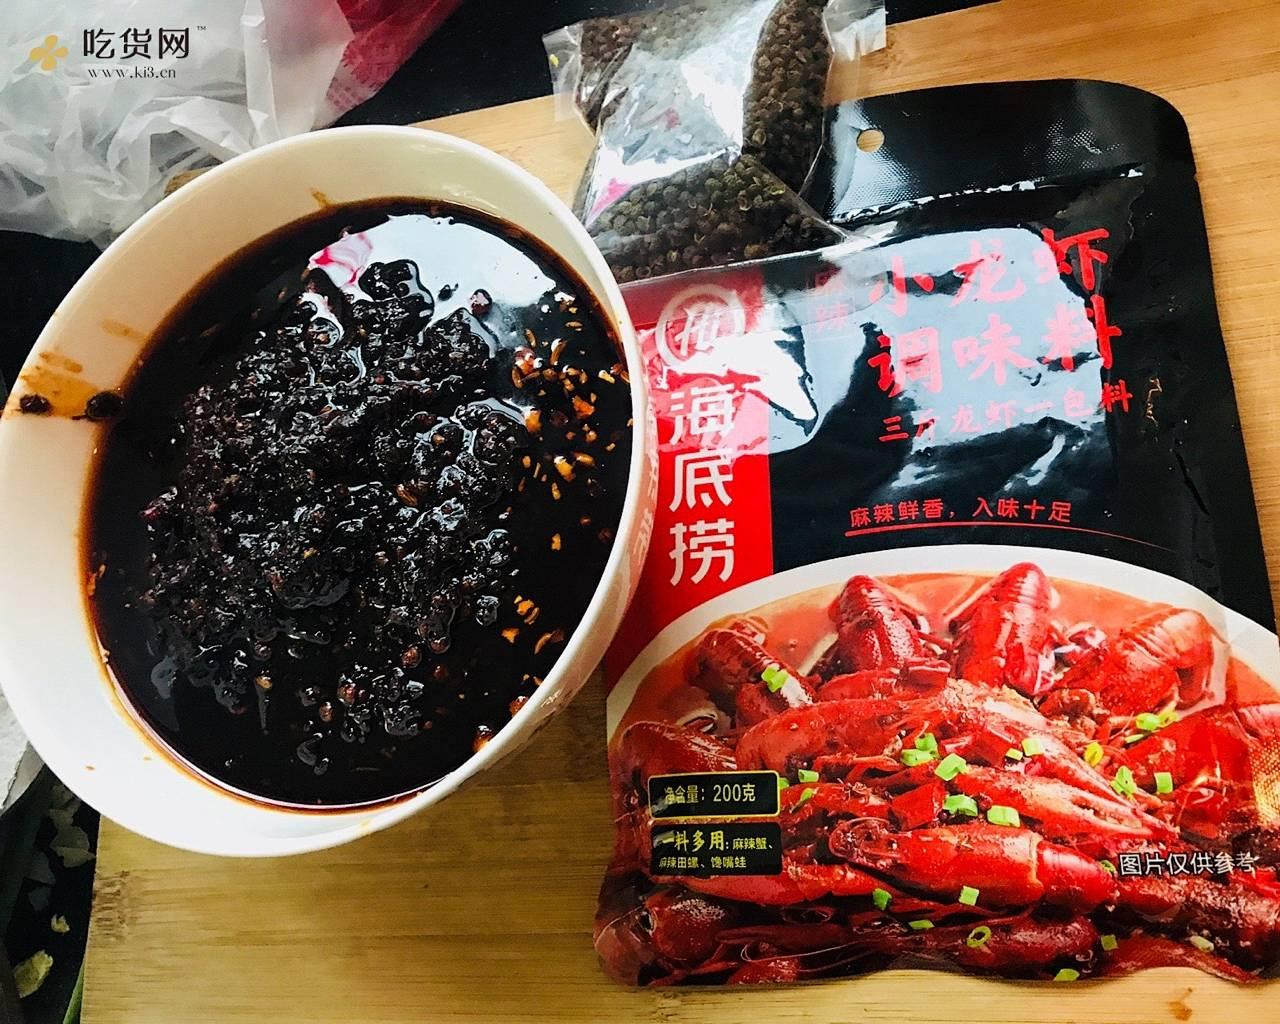 麻辣小龙虾(海底捞版本)的做法 步骤6